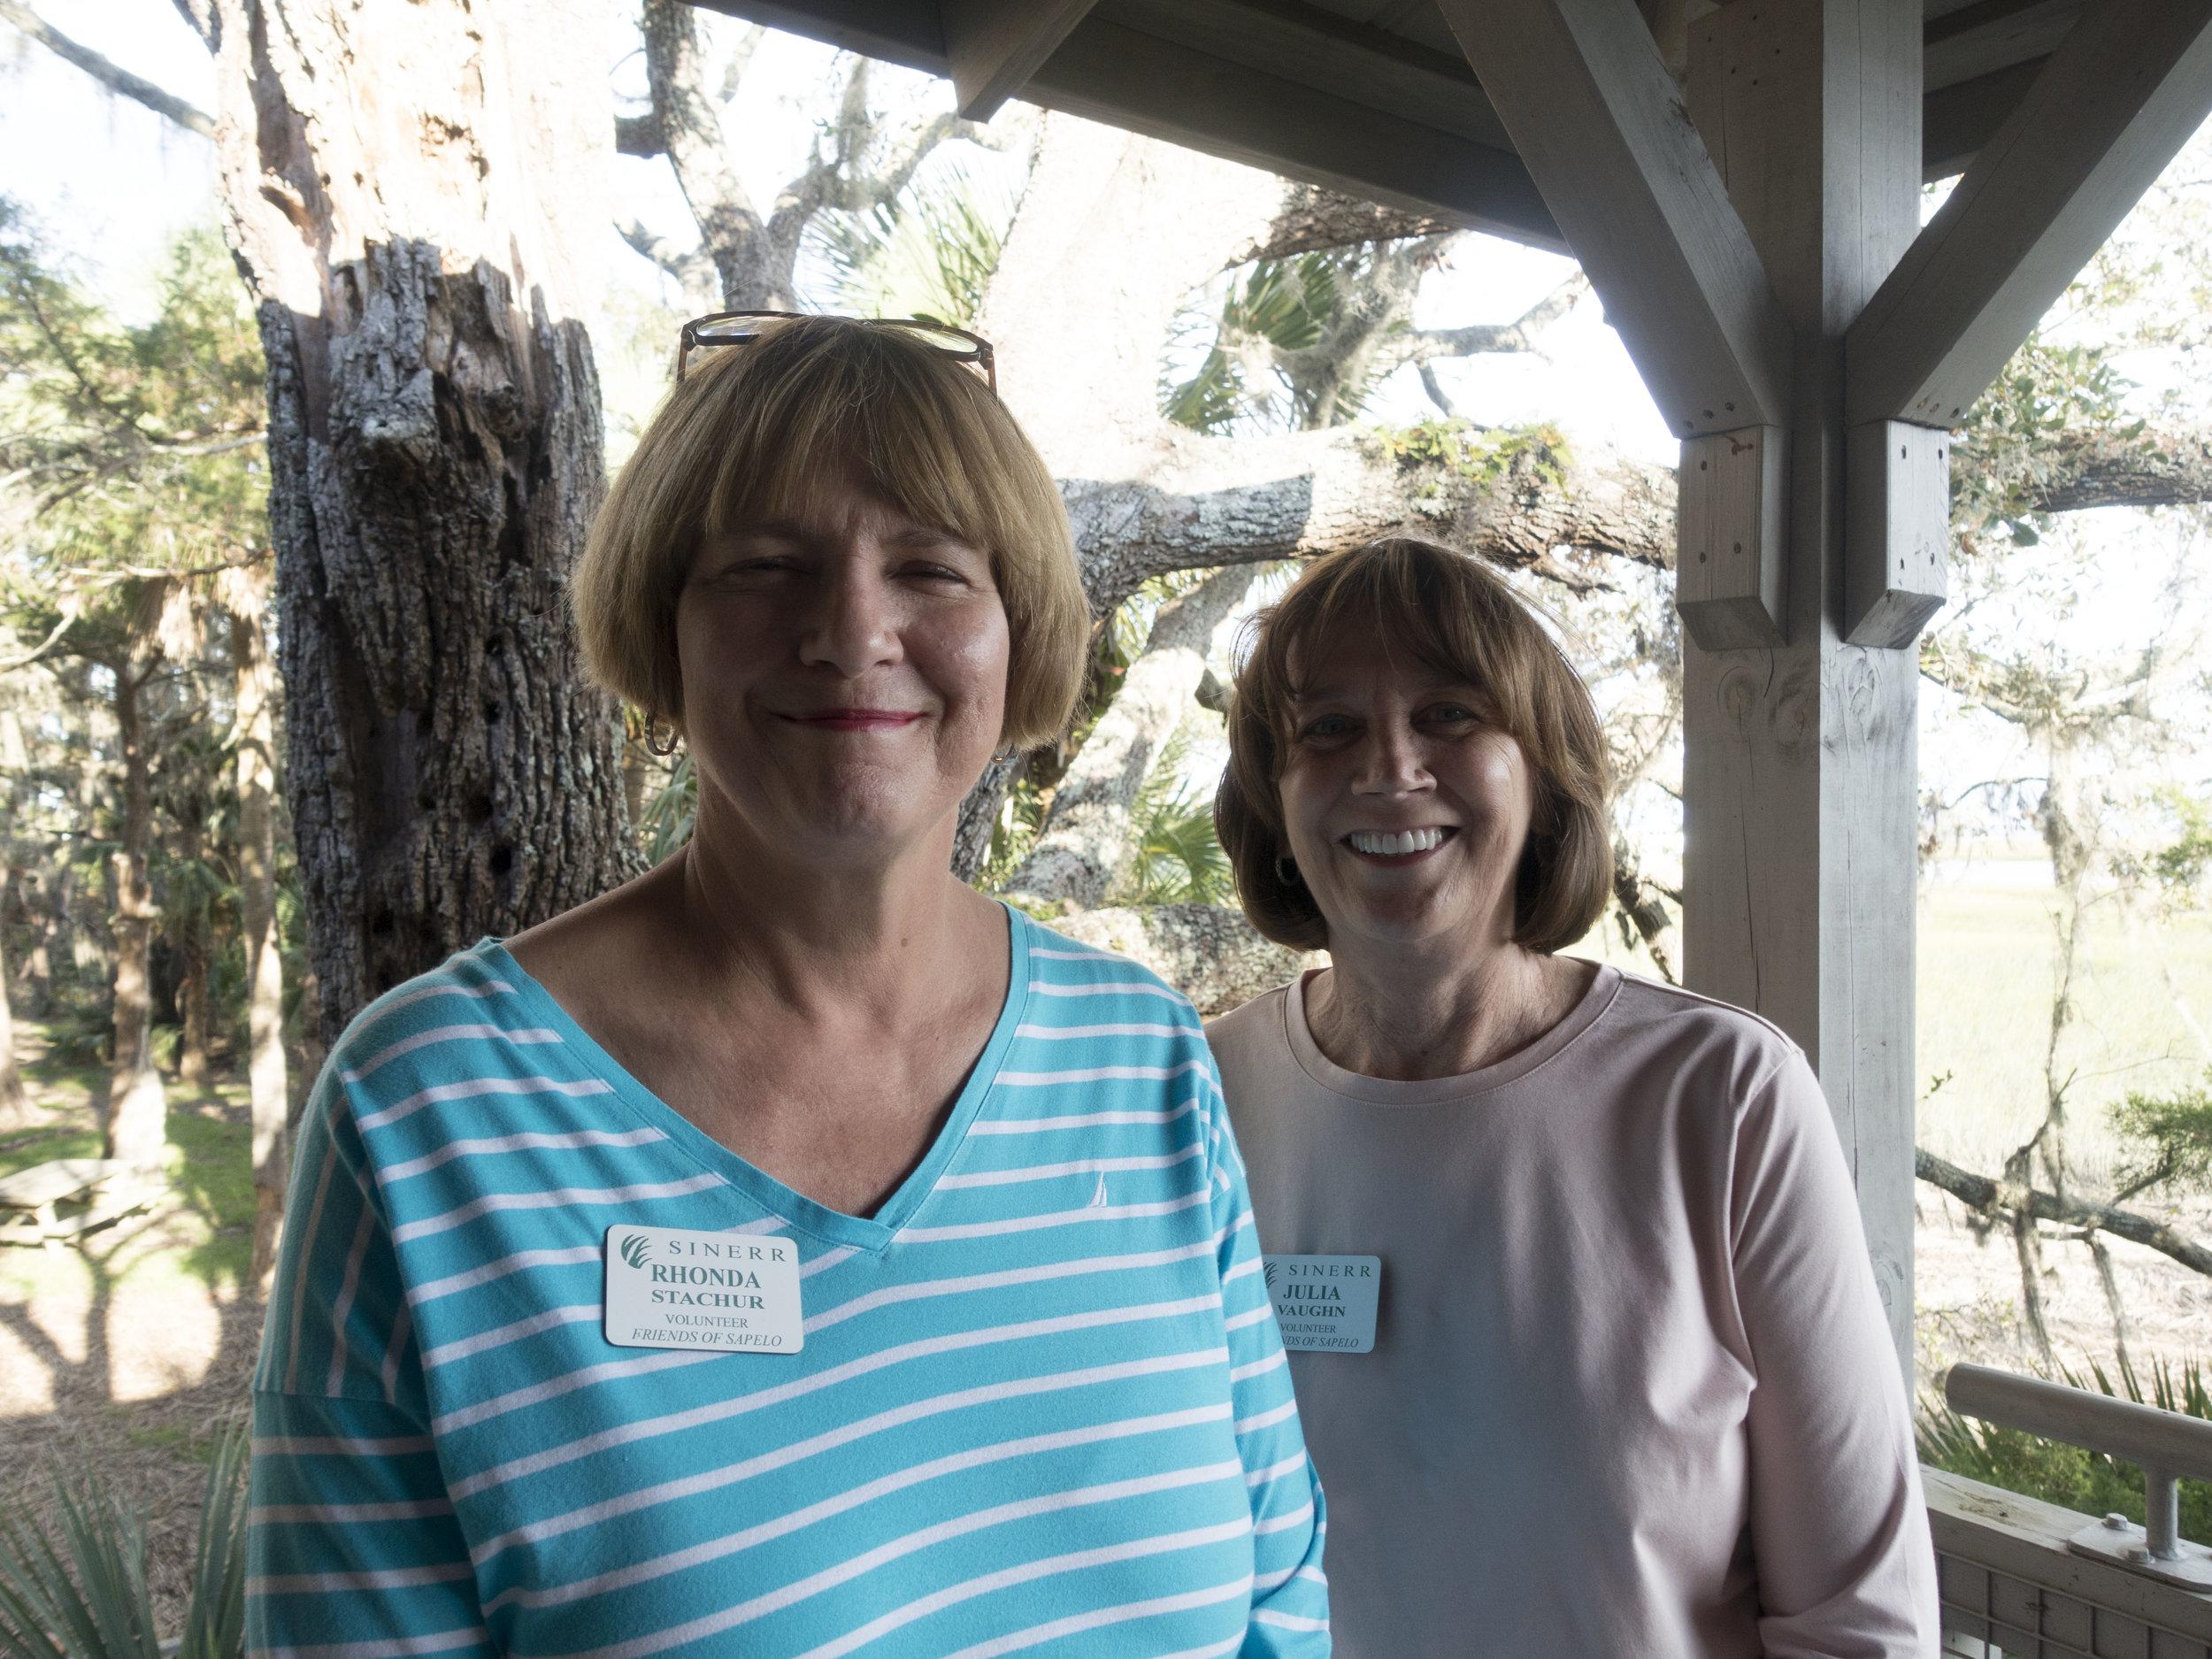 Rhoda Stachur & Julia Vaughn